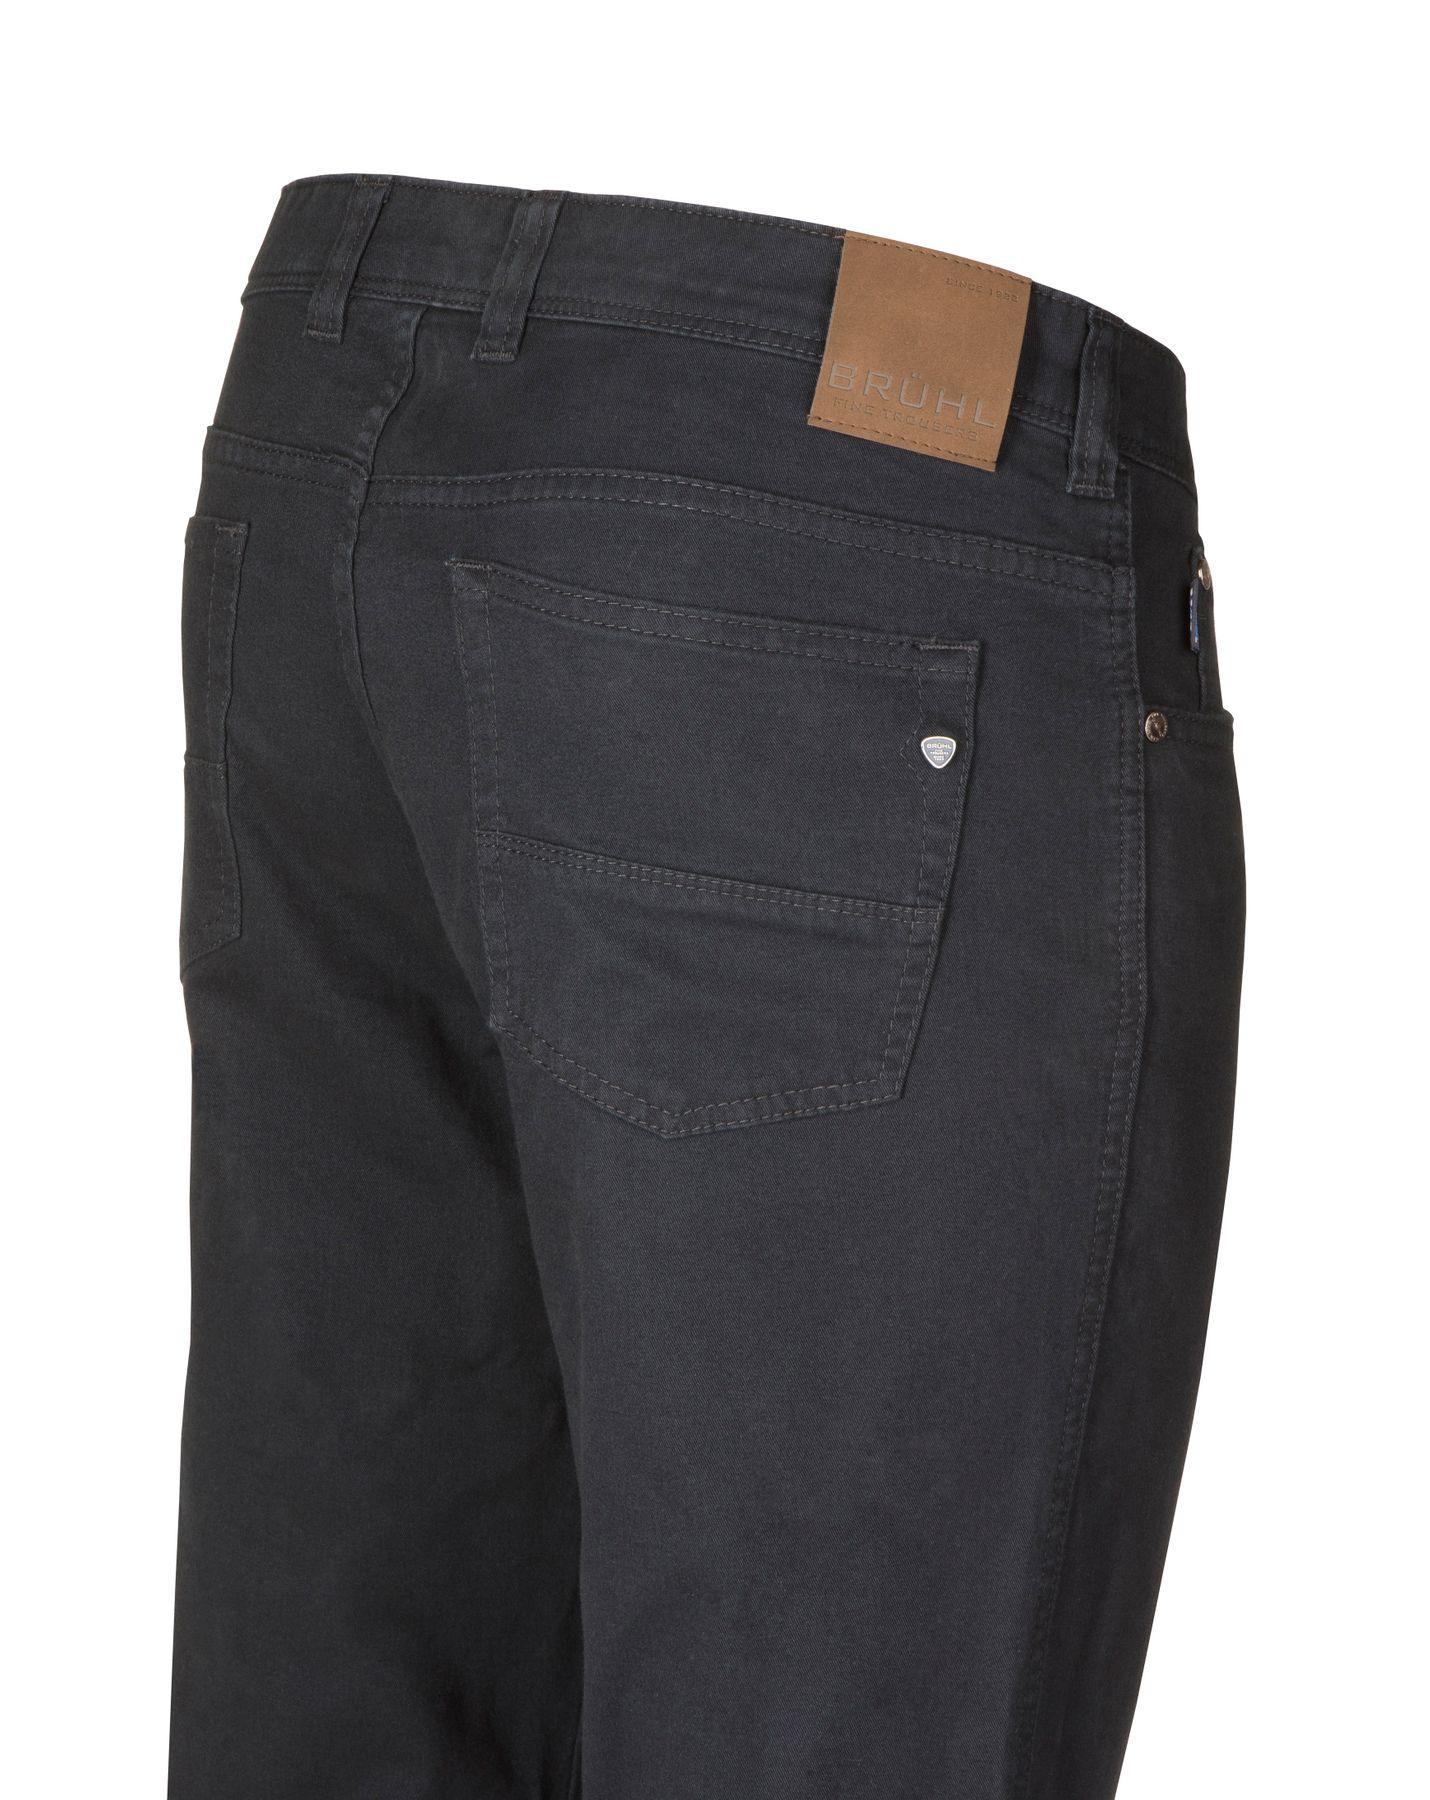 Brühl - Herren 5-Pocket Jeans aus Baumwolle, Genua 3 (0534180000100) – Bild 5